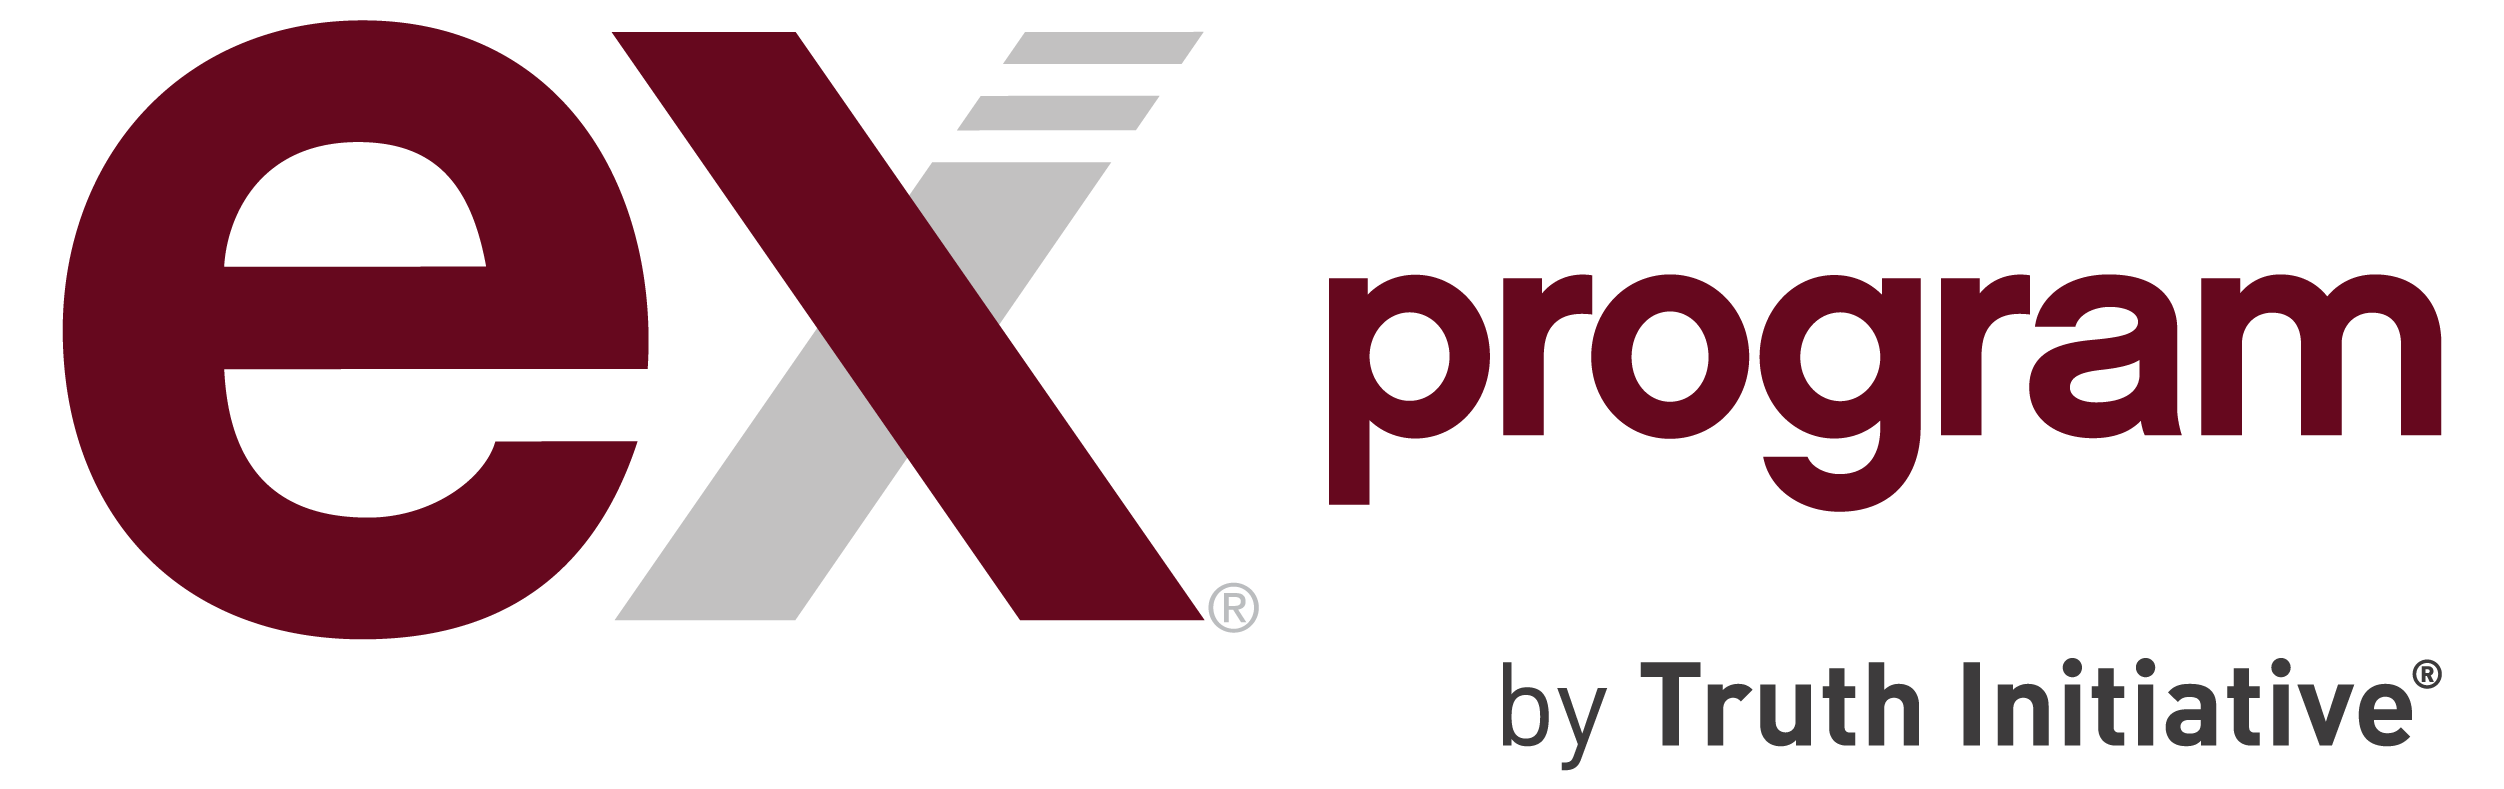 The EX Program